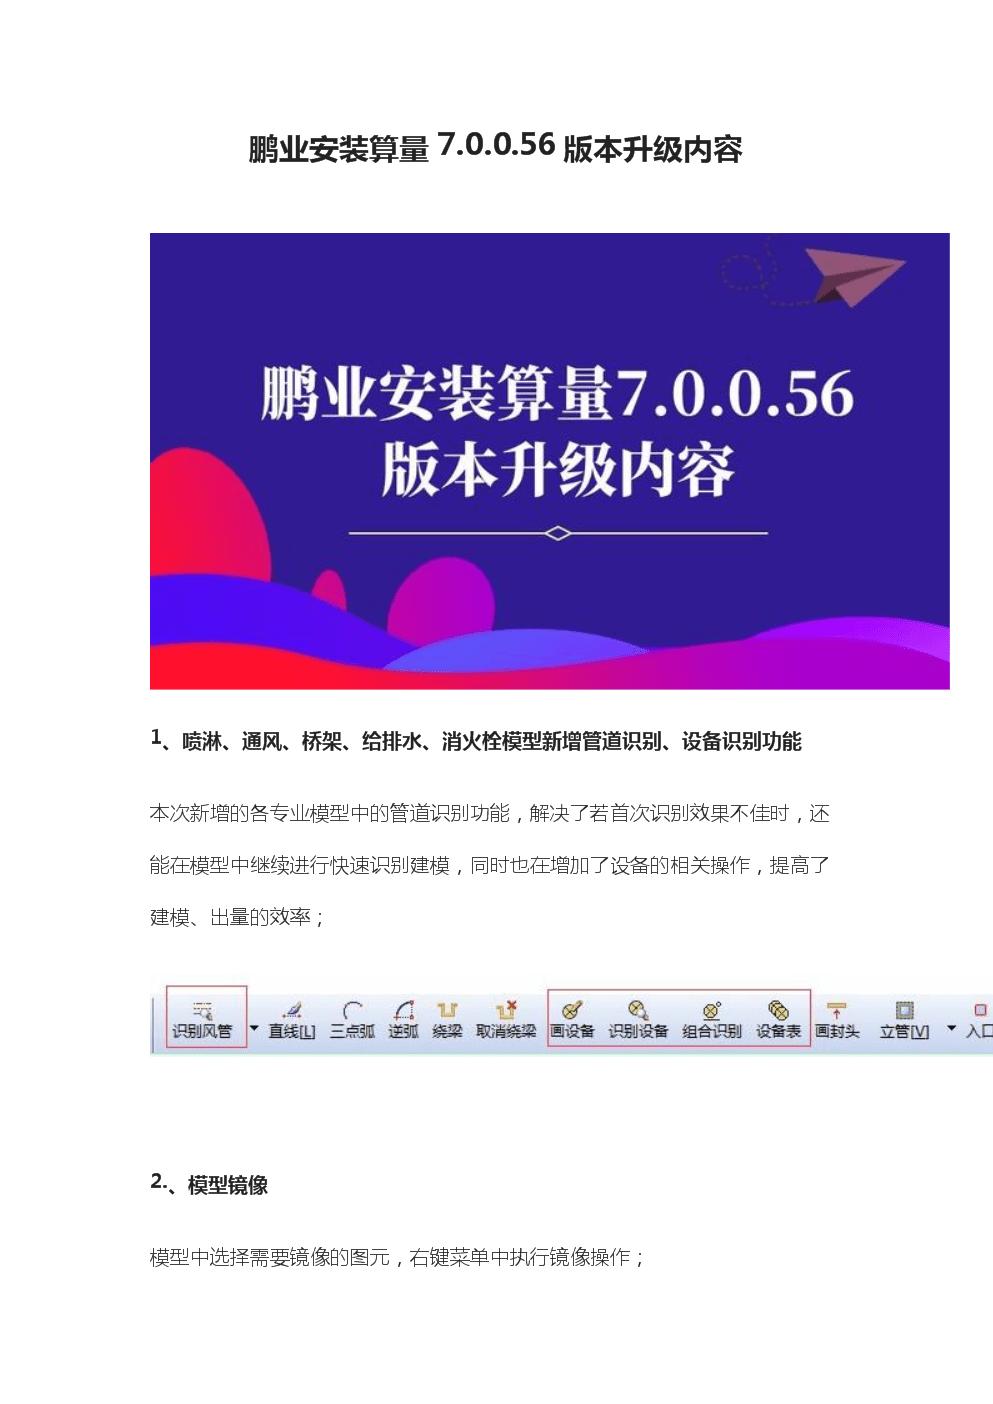 鹏业安装算量7.0.0.56版本升级内容.doc